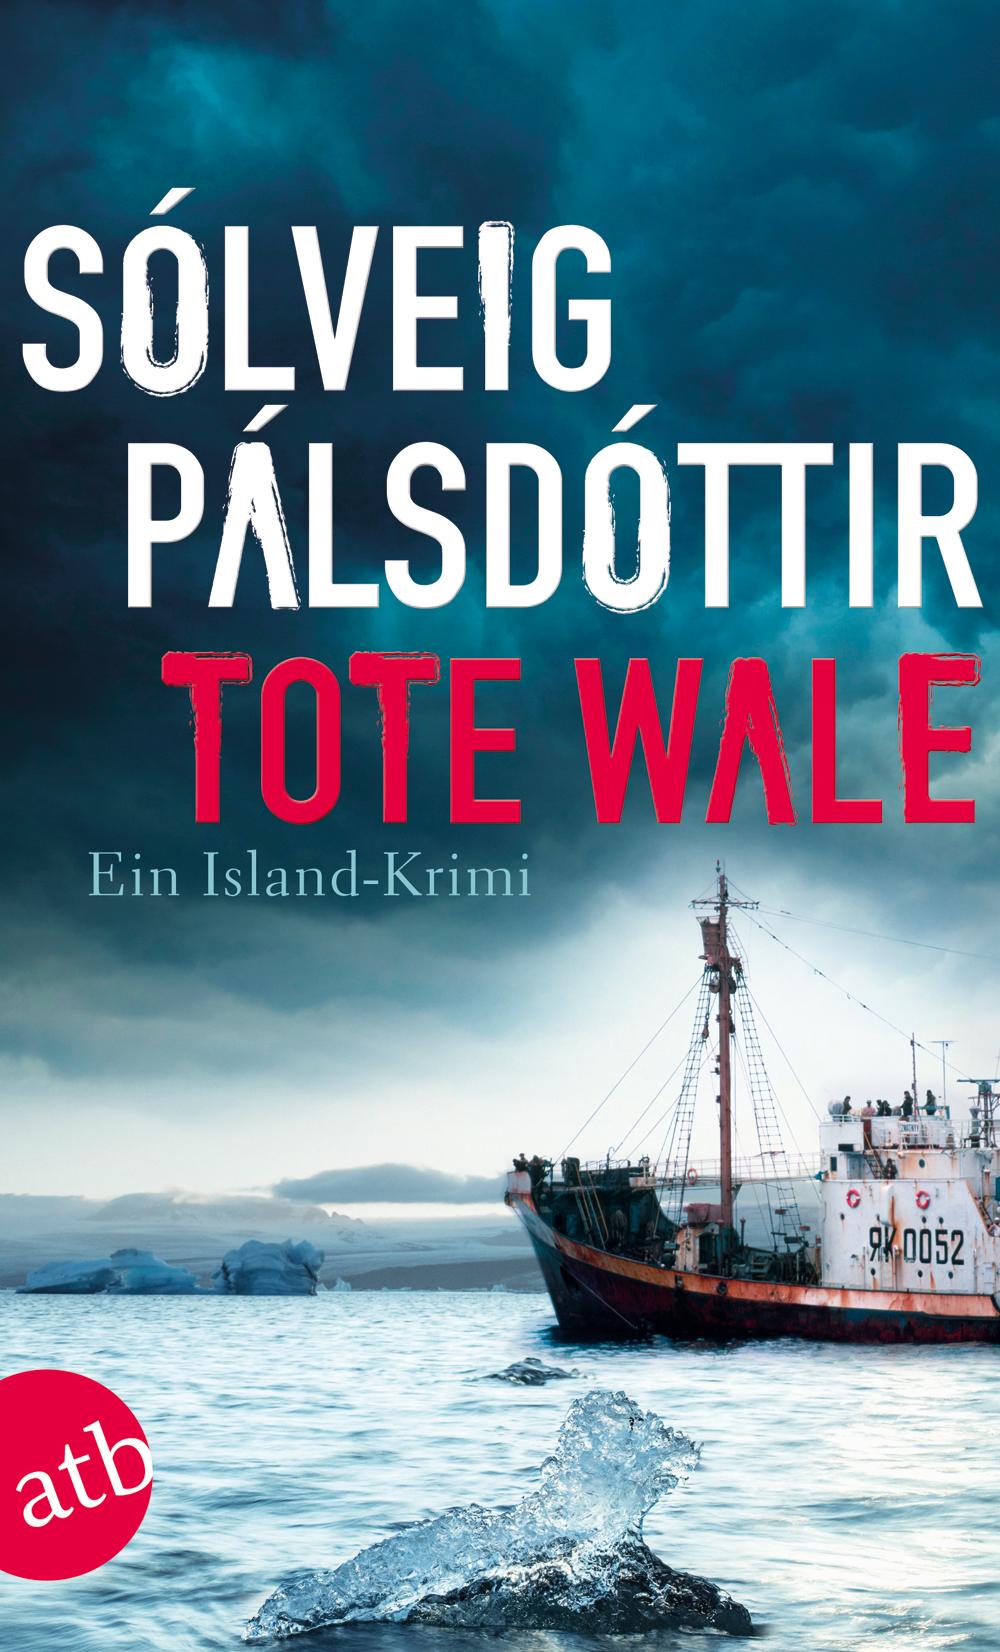 Tote Wale - Sólveig Pálsdóttir [Taschenbuch]